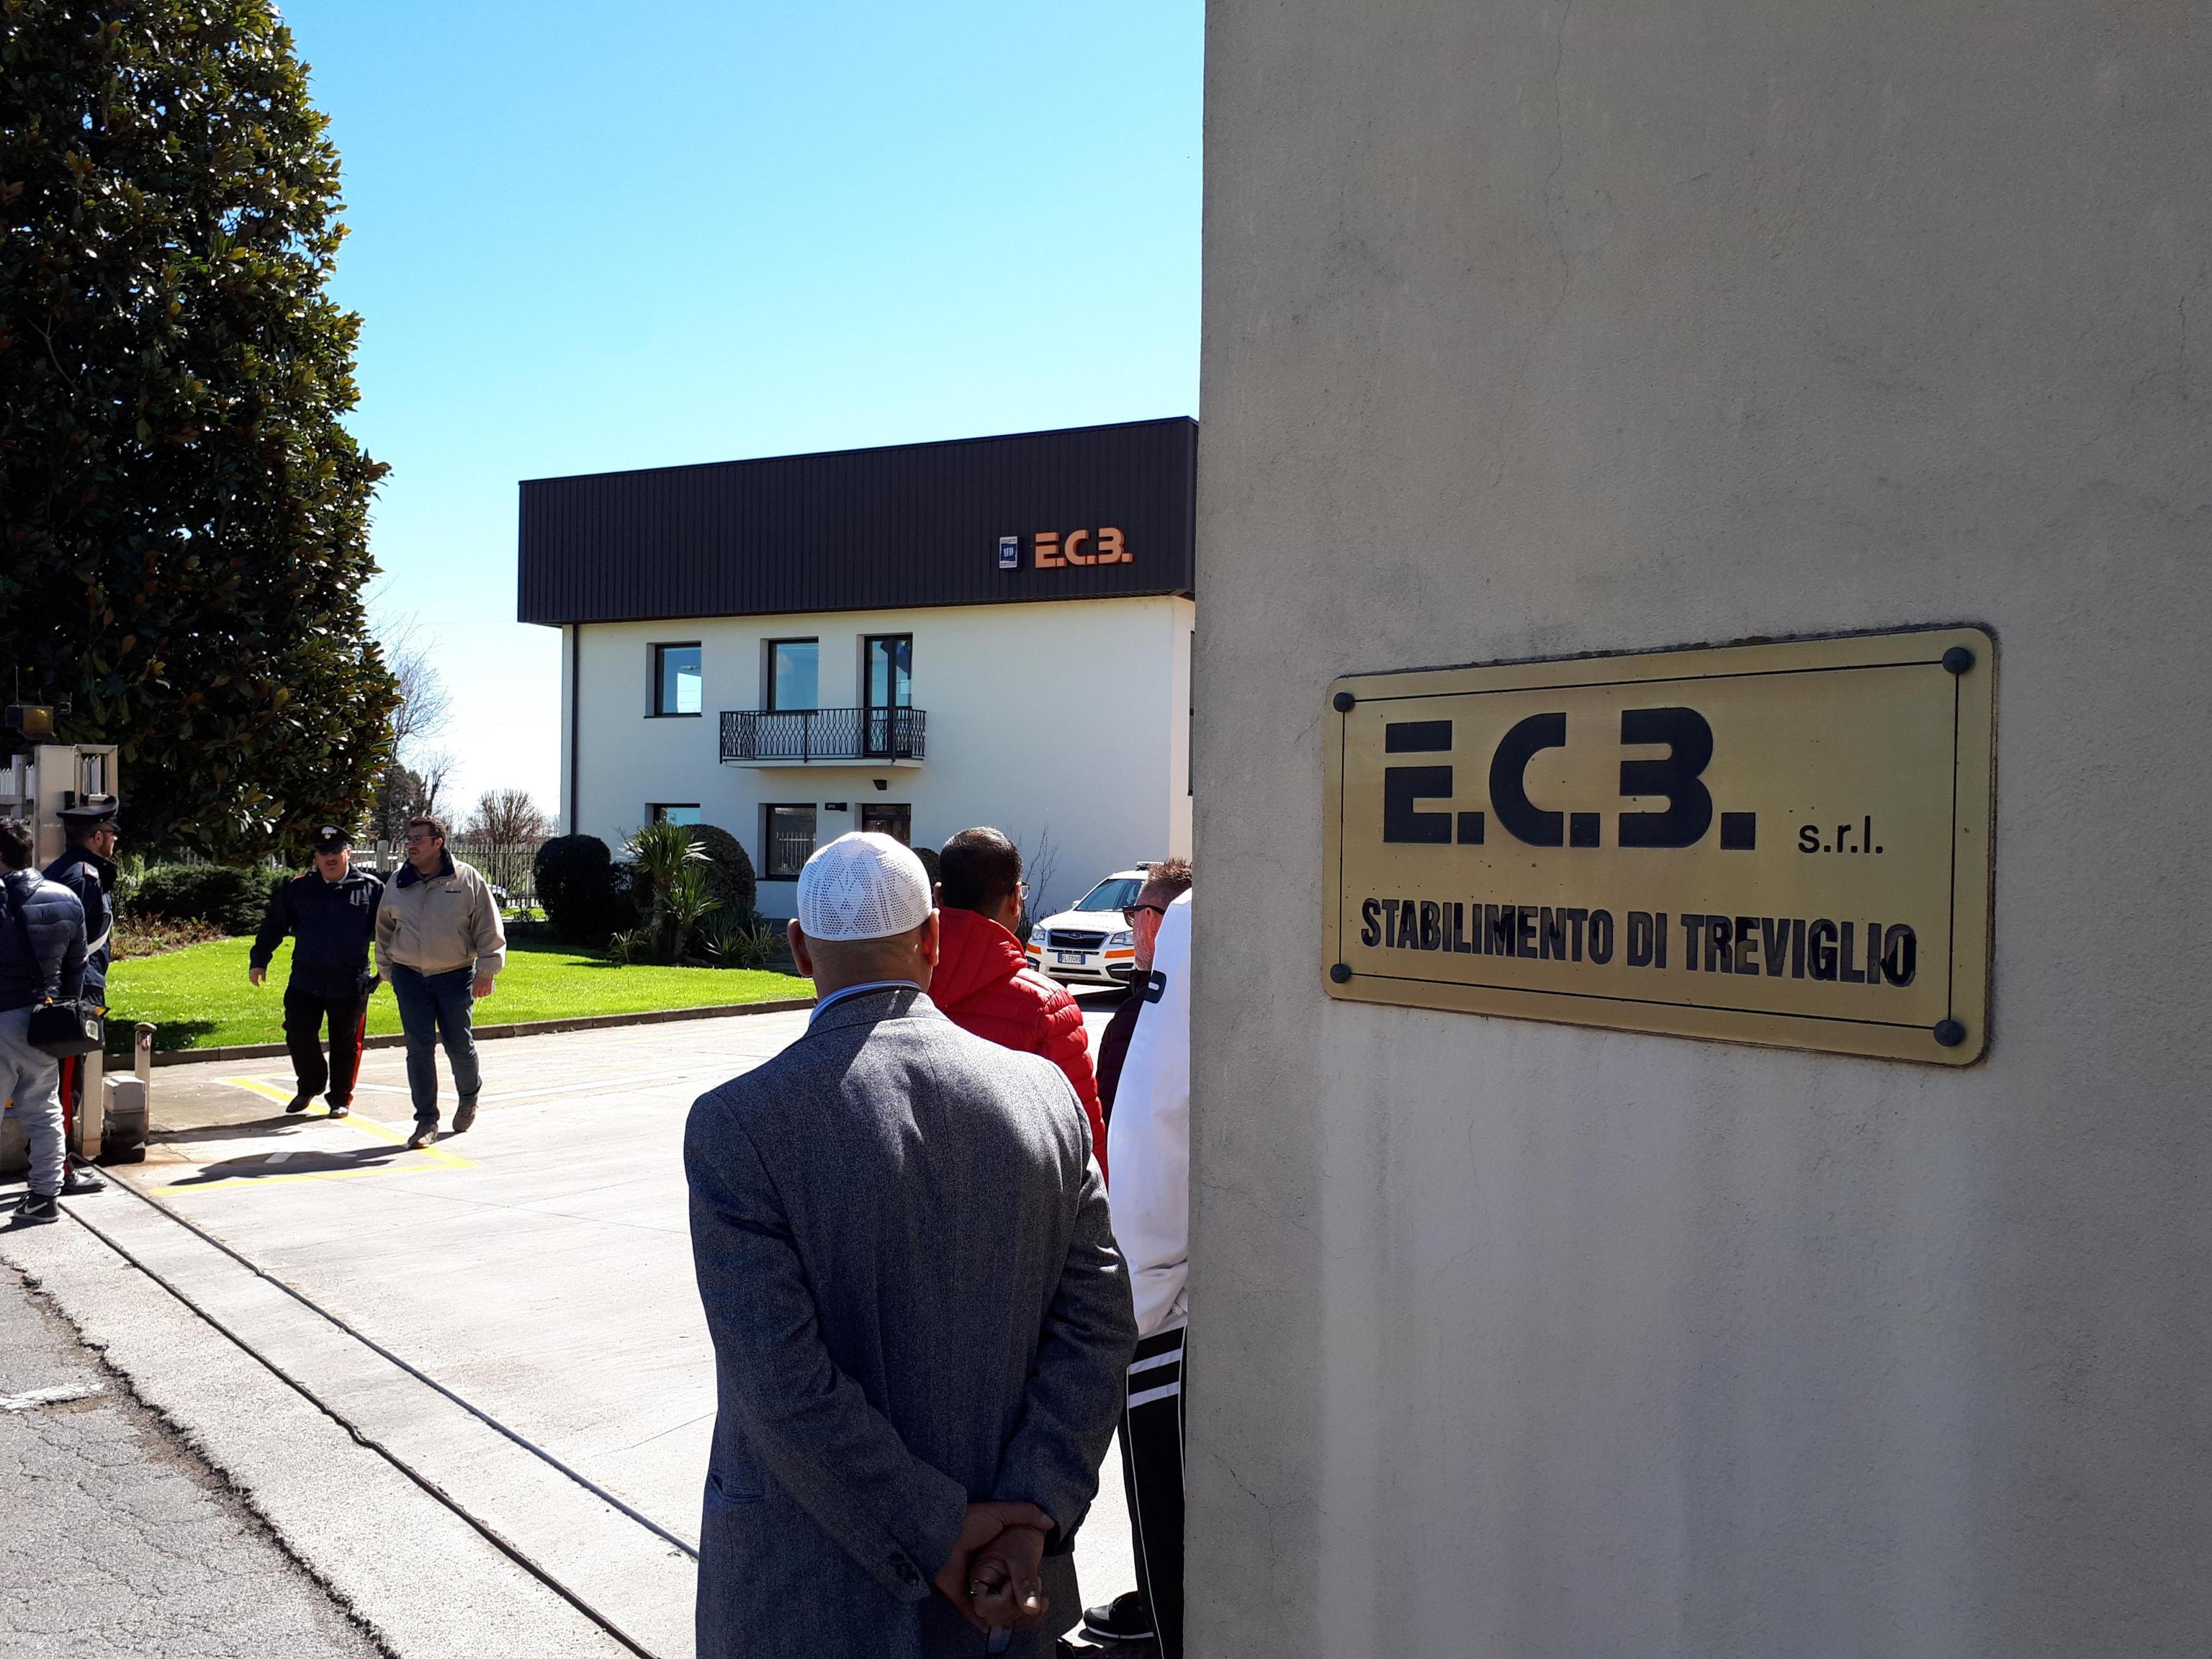 Esplosione a Treviglio in un'azienda: morti due dipendenti, il figlio di uno attendeva in auto